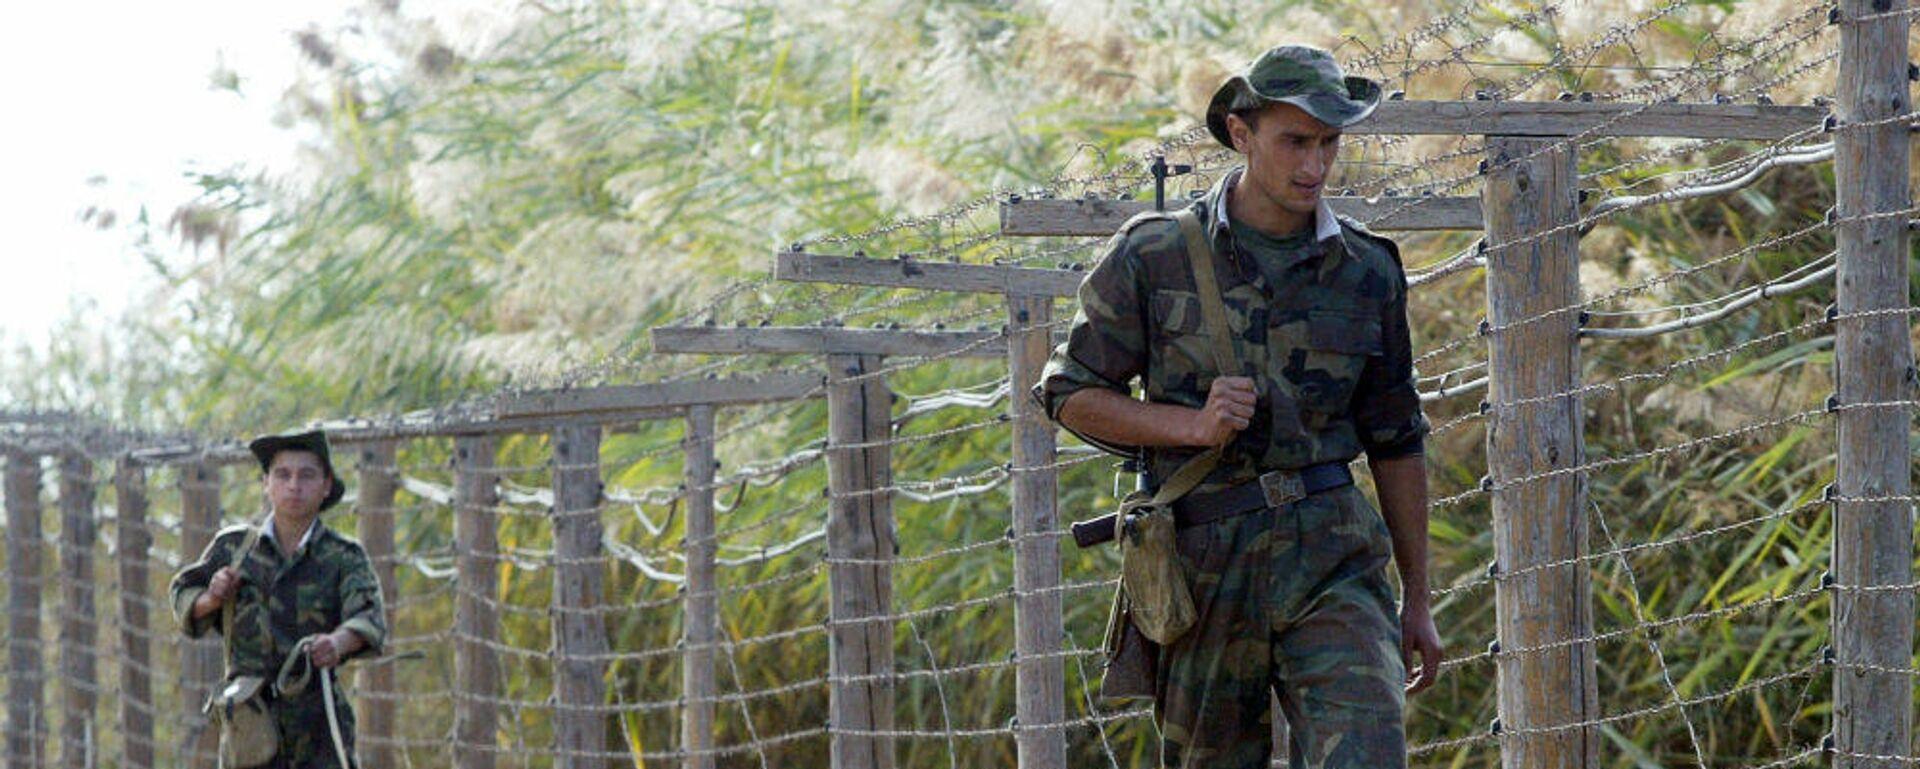 Таджикские пограничники патрулируют границу - Sputnik Таджикистан, 1920, 25.07.2021